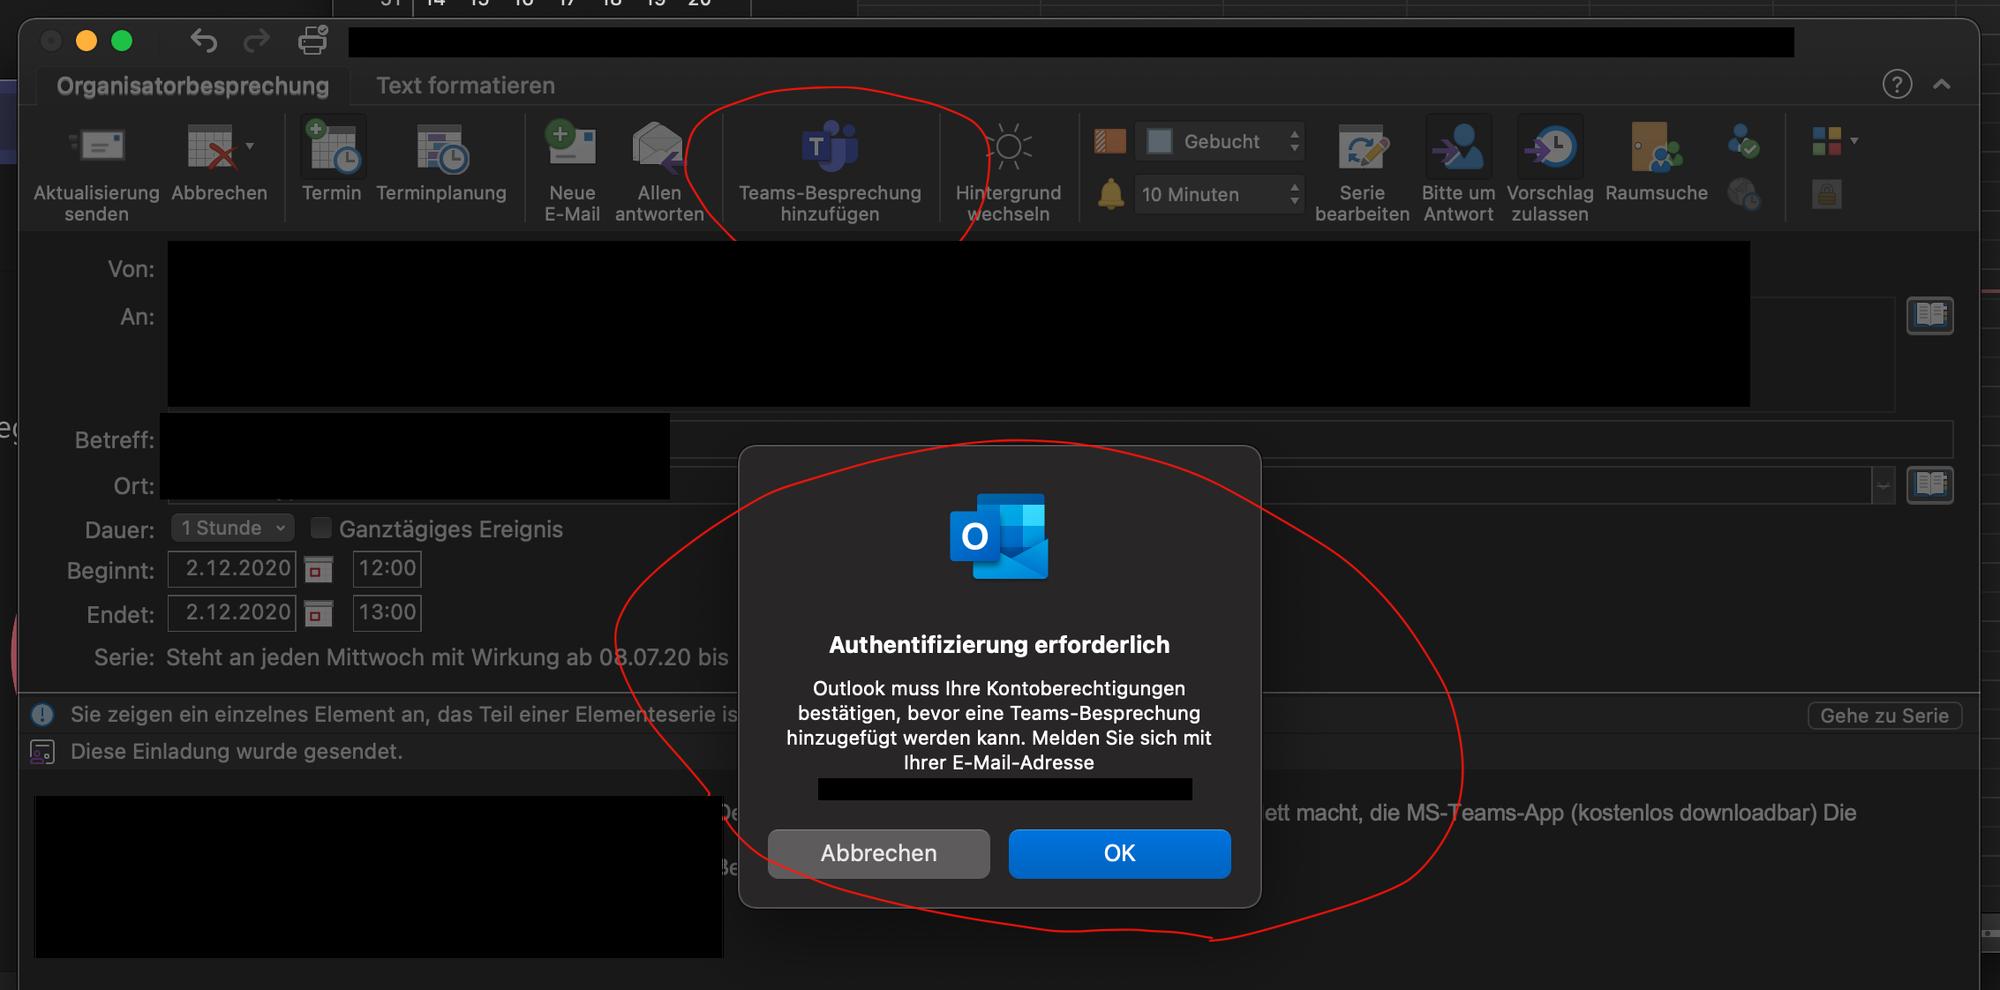 Outlook für Mac - Teams-Besprechung hinzufügen a916177d-1736-4ec2-a686-7c5ecc56f32f?upload=true.png